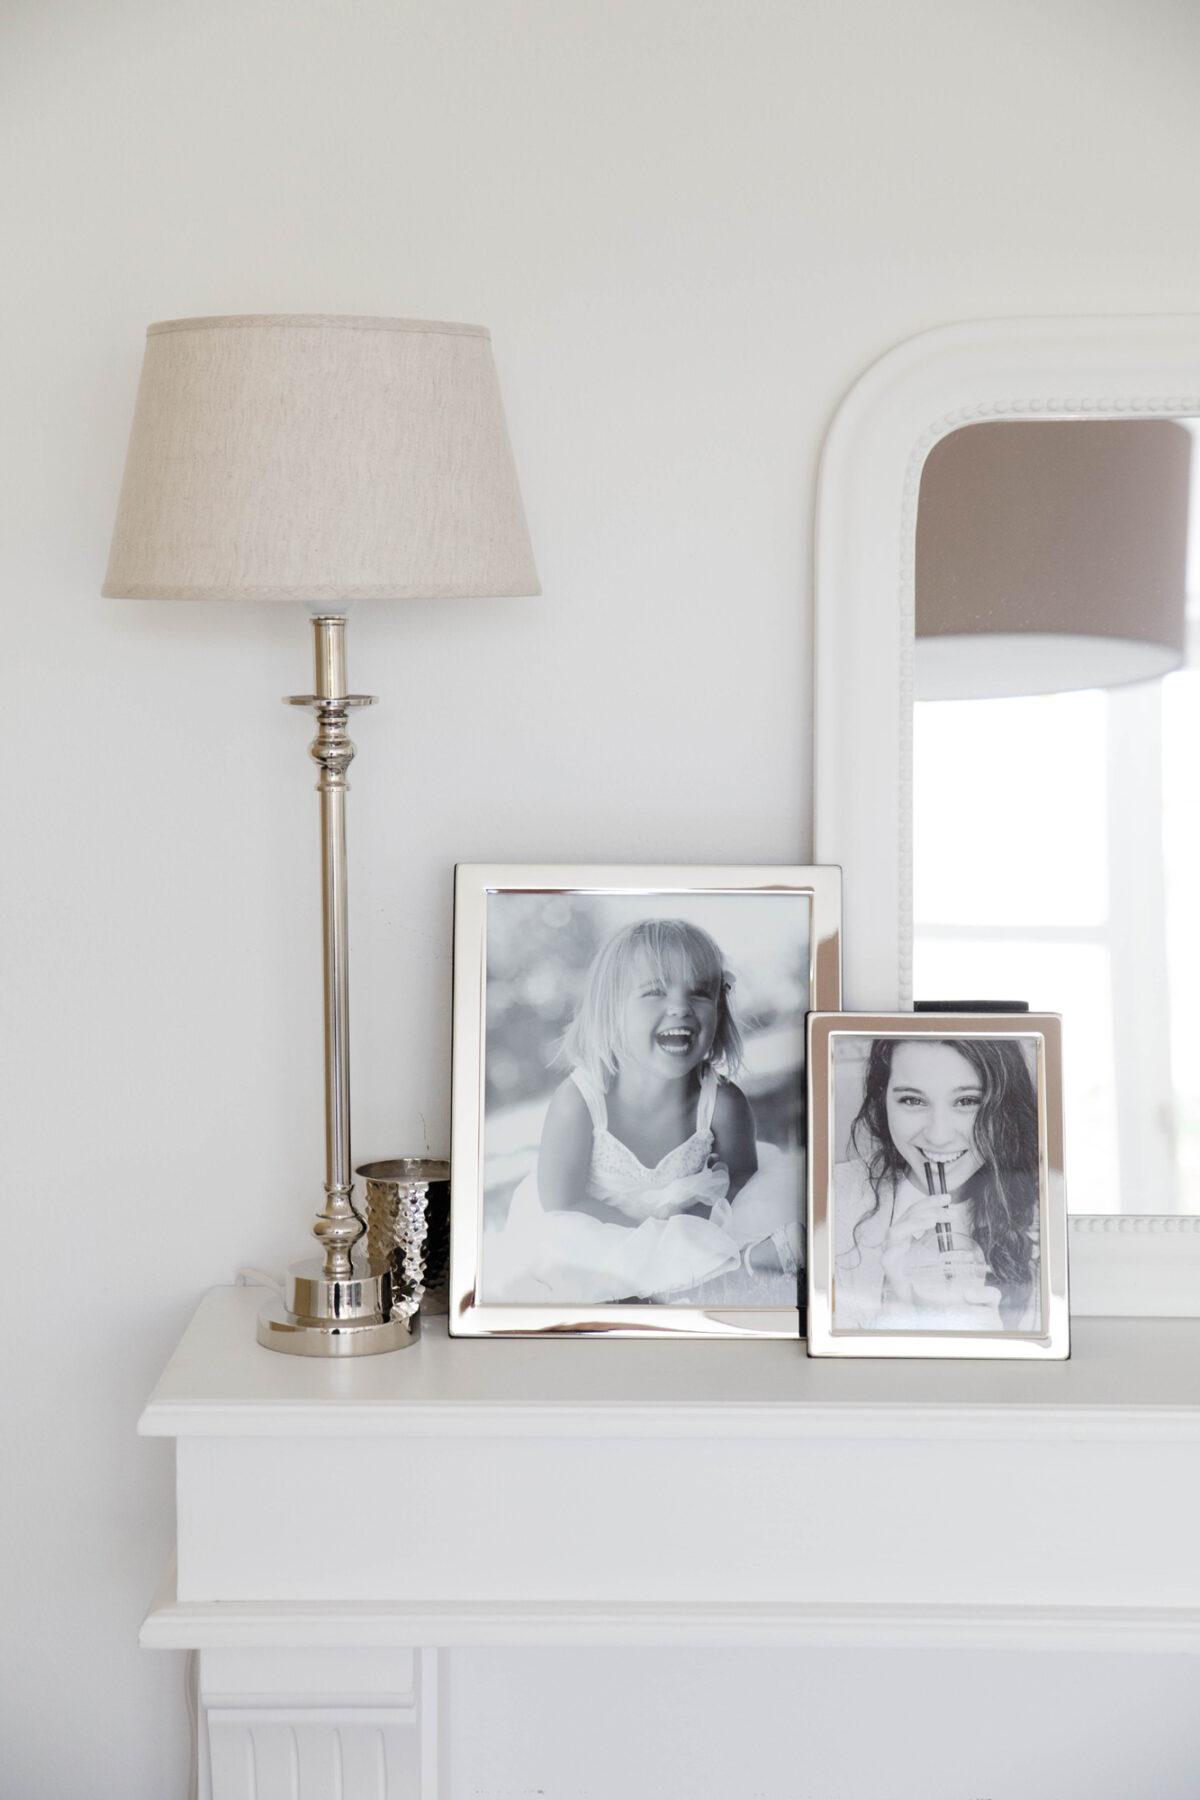 4742 Fotorahmen Salerno für Foto 15 x 20 cm, edel versilbert, anlaufgeschützt, grauer Samtrücken